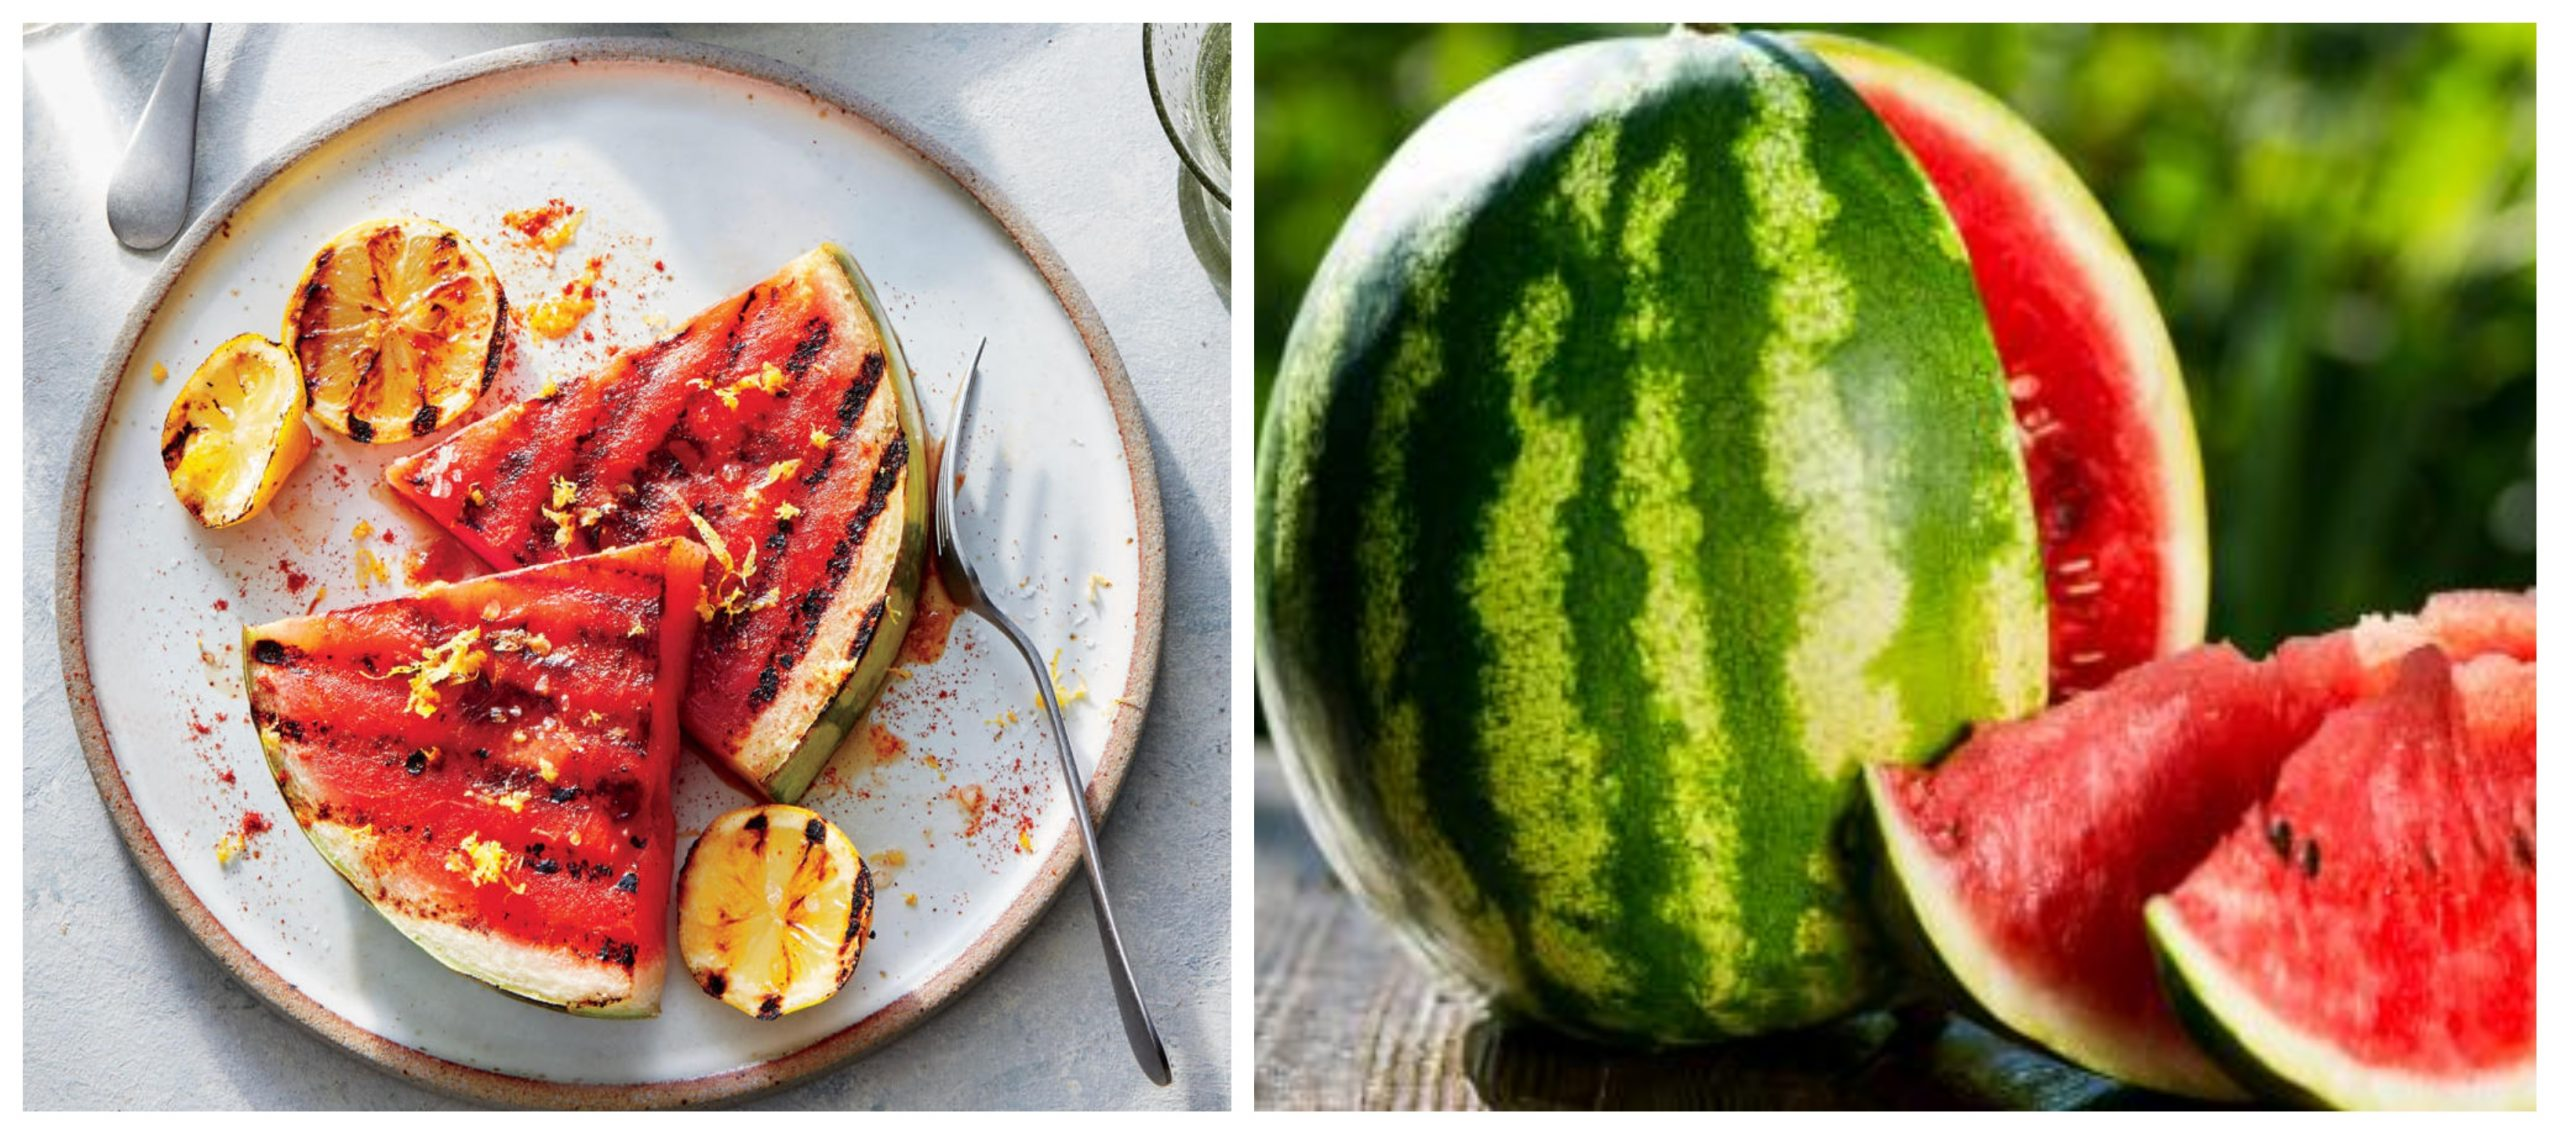 وصفة البطيخ علي الجرل